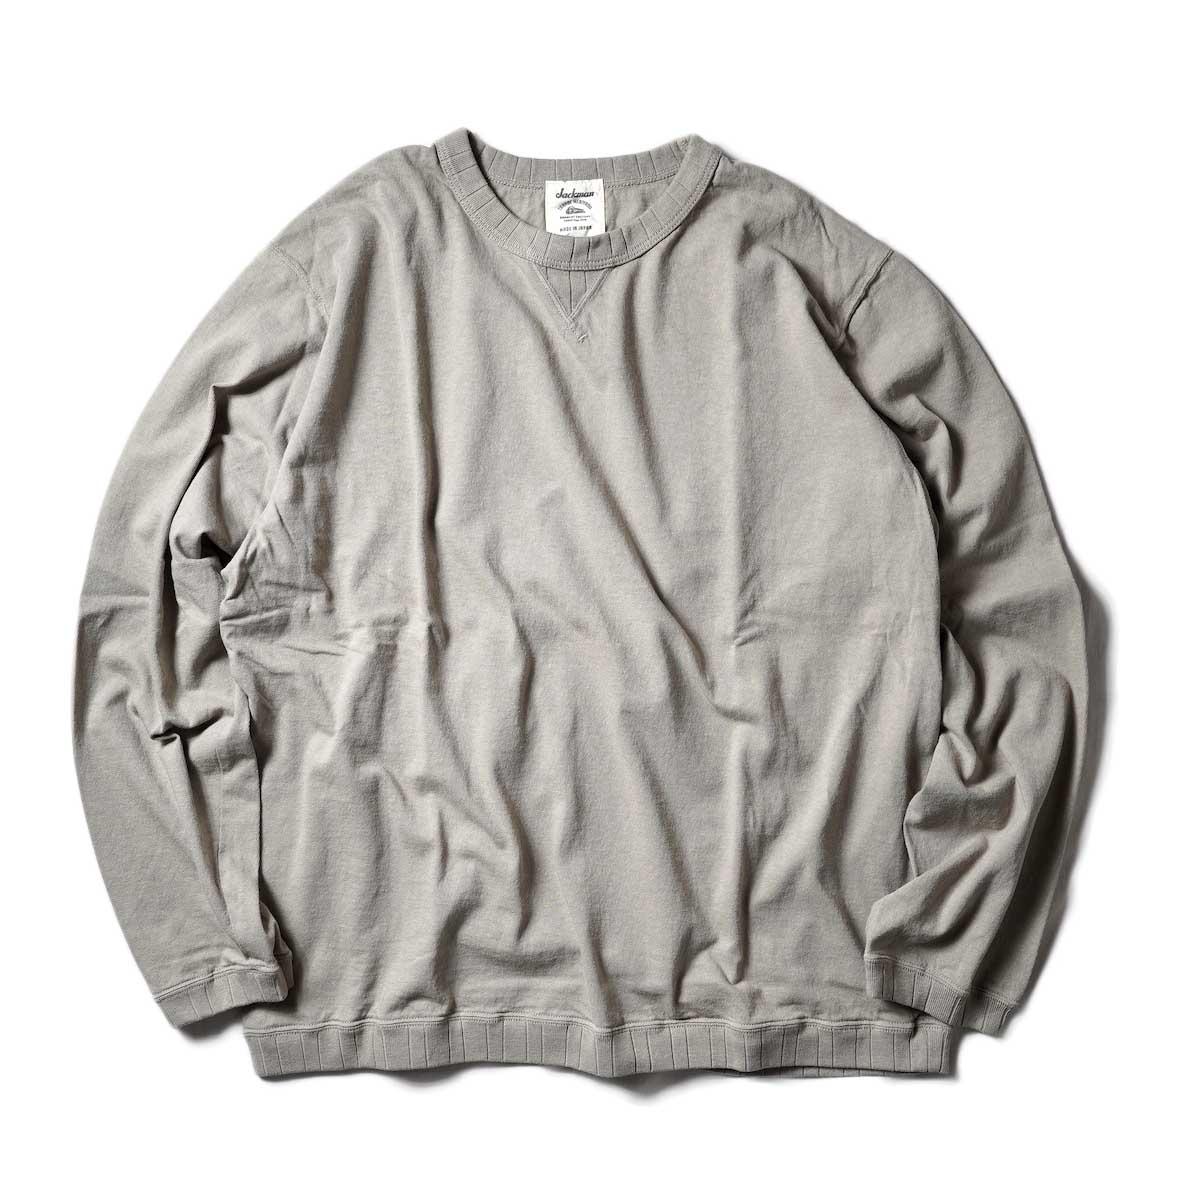 Jackman / Rib LS T-Shirt (Dirty Dirty Base)